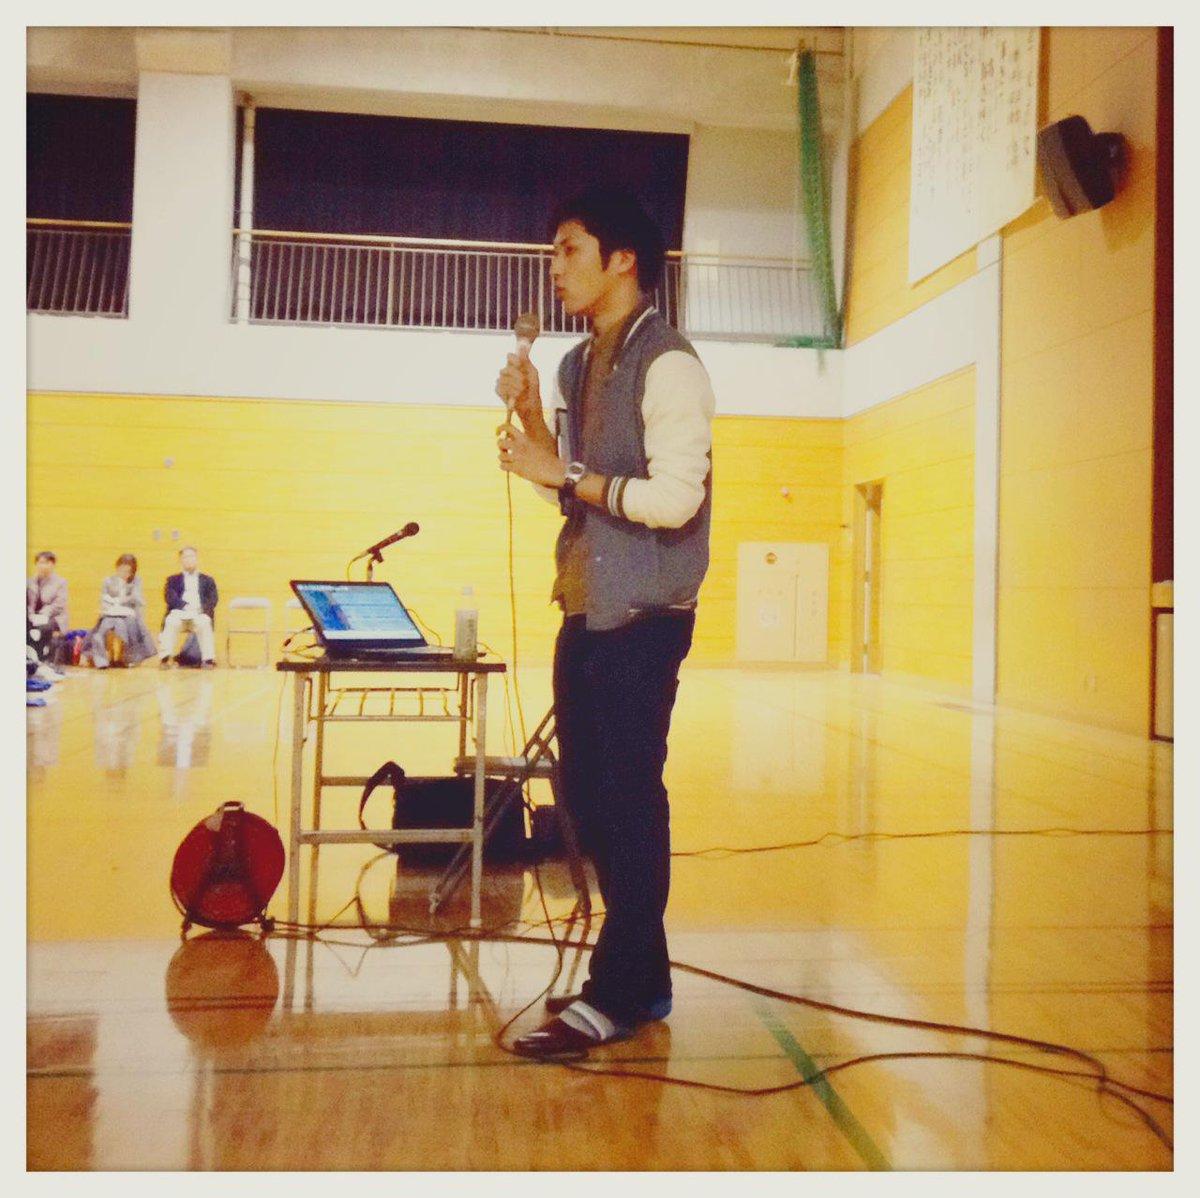 【出張授業】本日は横浜市立十日市場中学校さまへ行ってきました! 全校生徒約1000人への授業では自分自身を見つめ直す機会となれたようで「LGBTの人と出会ったときは受けとめていきたい」との感想を多く頂きました。純粋な想いに感謝です。 http://t.co/4hZsumXxOF